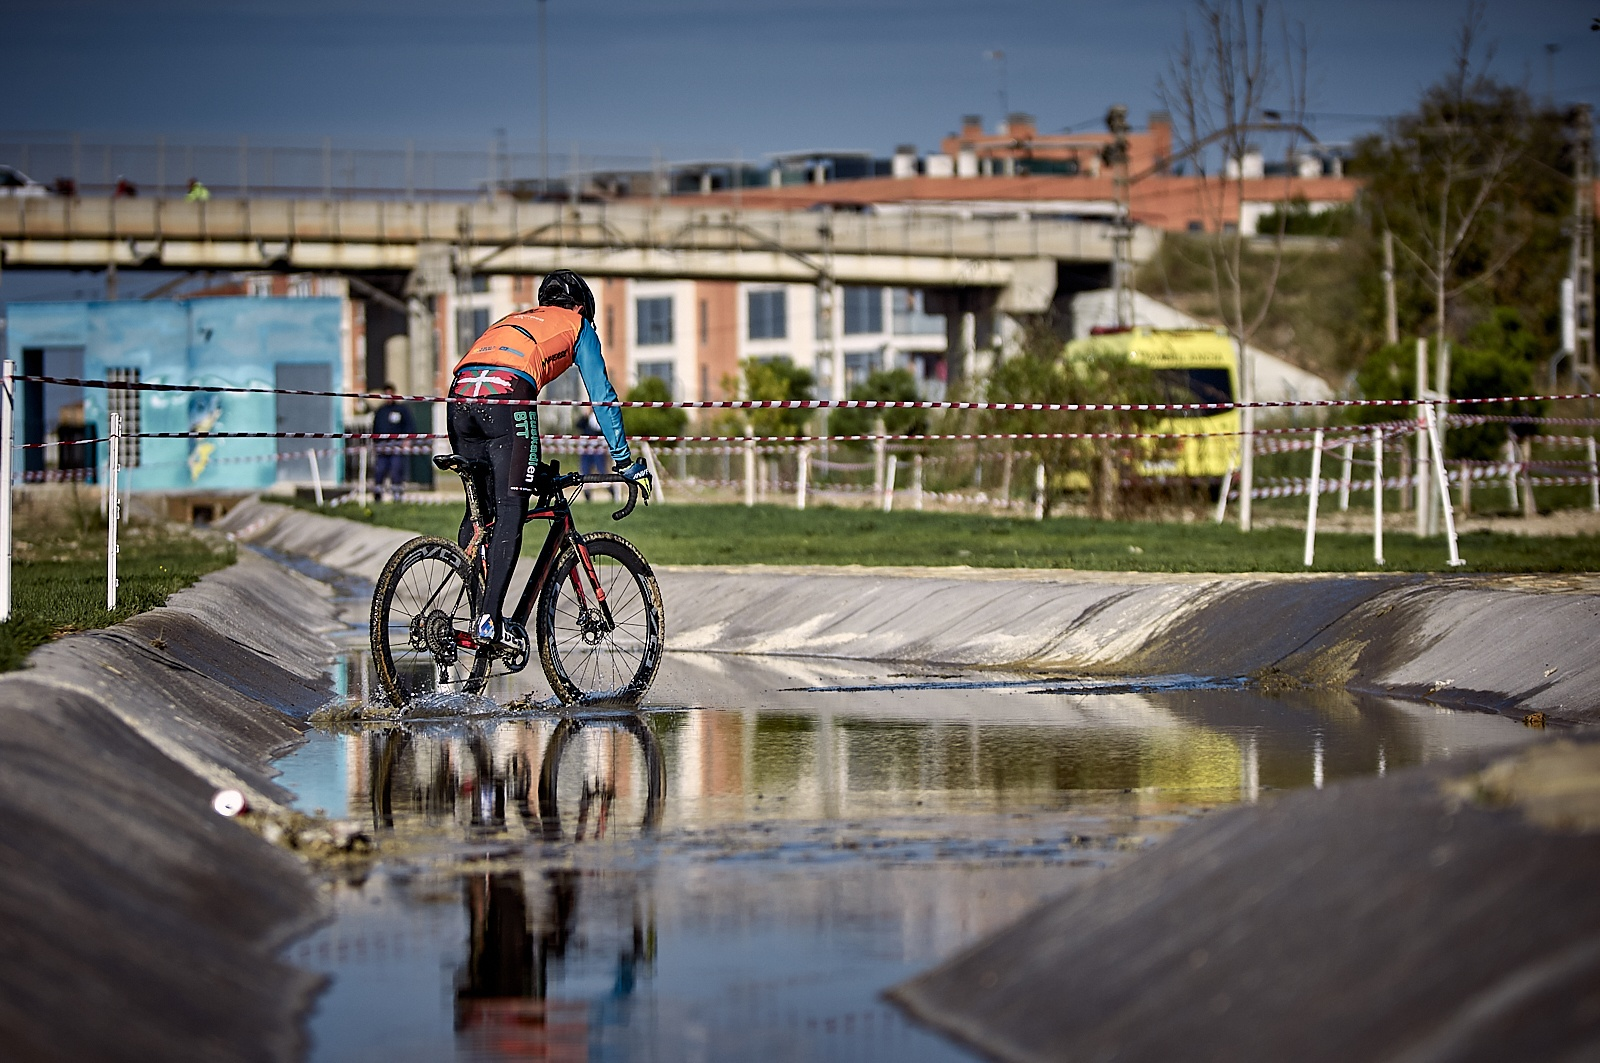 MTB - XC / XCM/ XCO /CX - Sergio Tomico, Photography